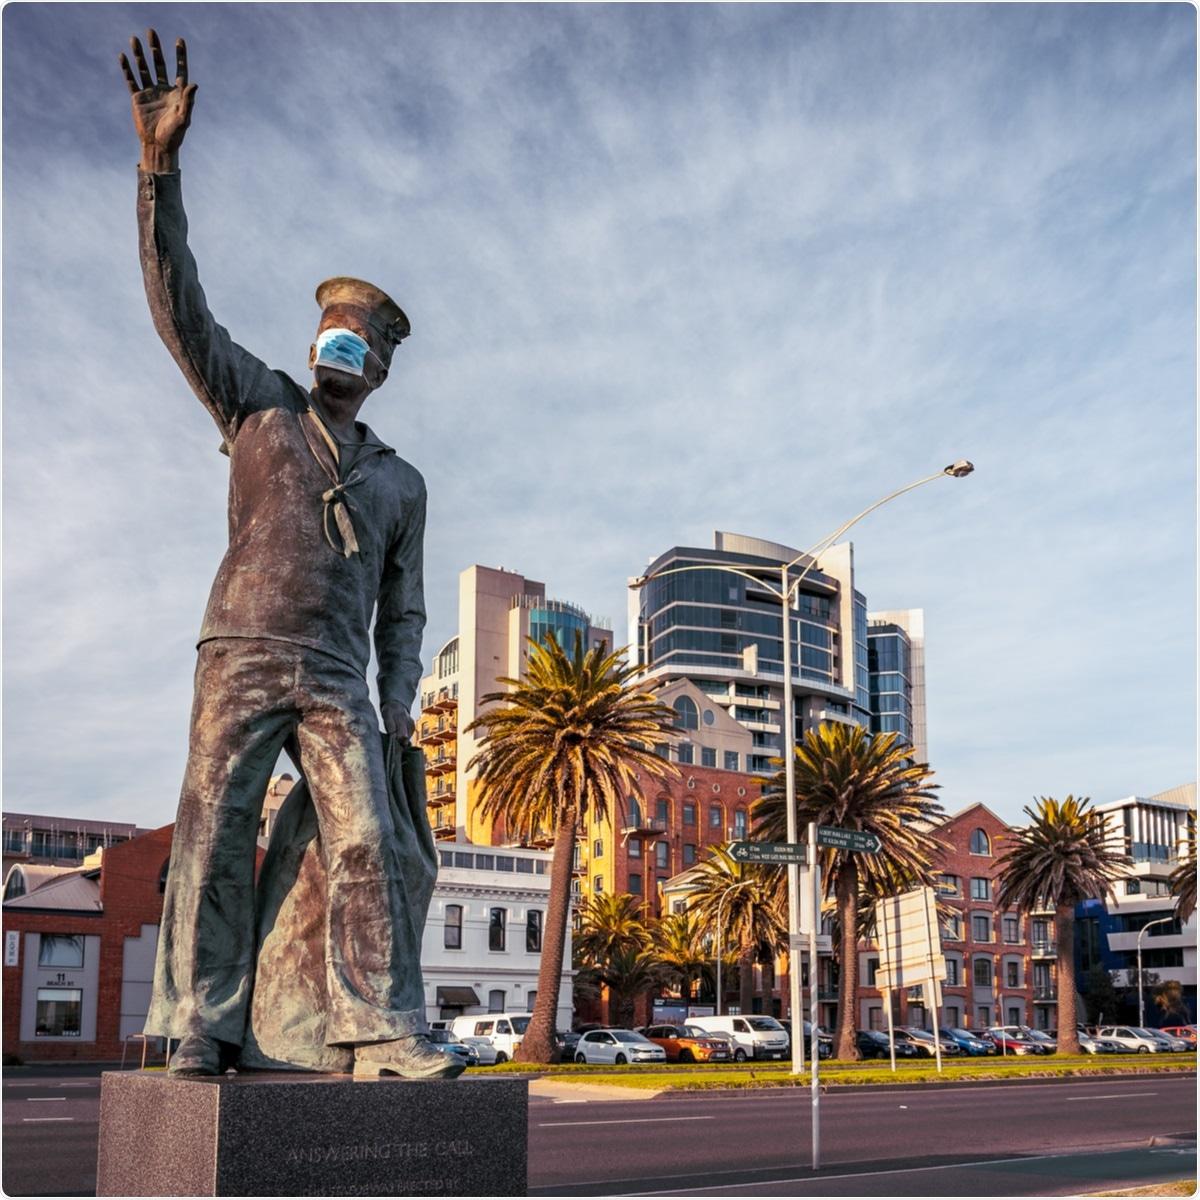 Melbourne, Australia - 24 de julio de 2020: Estatua en la lumbrera Melbourne con la mascarilla en puesto por los bromistas, Melbourne VIC, Australia. Haber de imagen: Alex Cimbal/Shutterstock